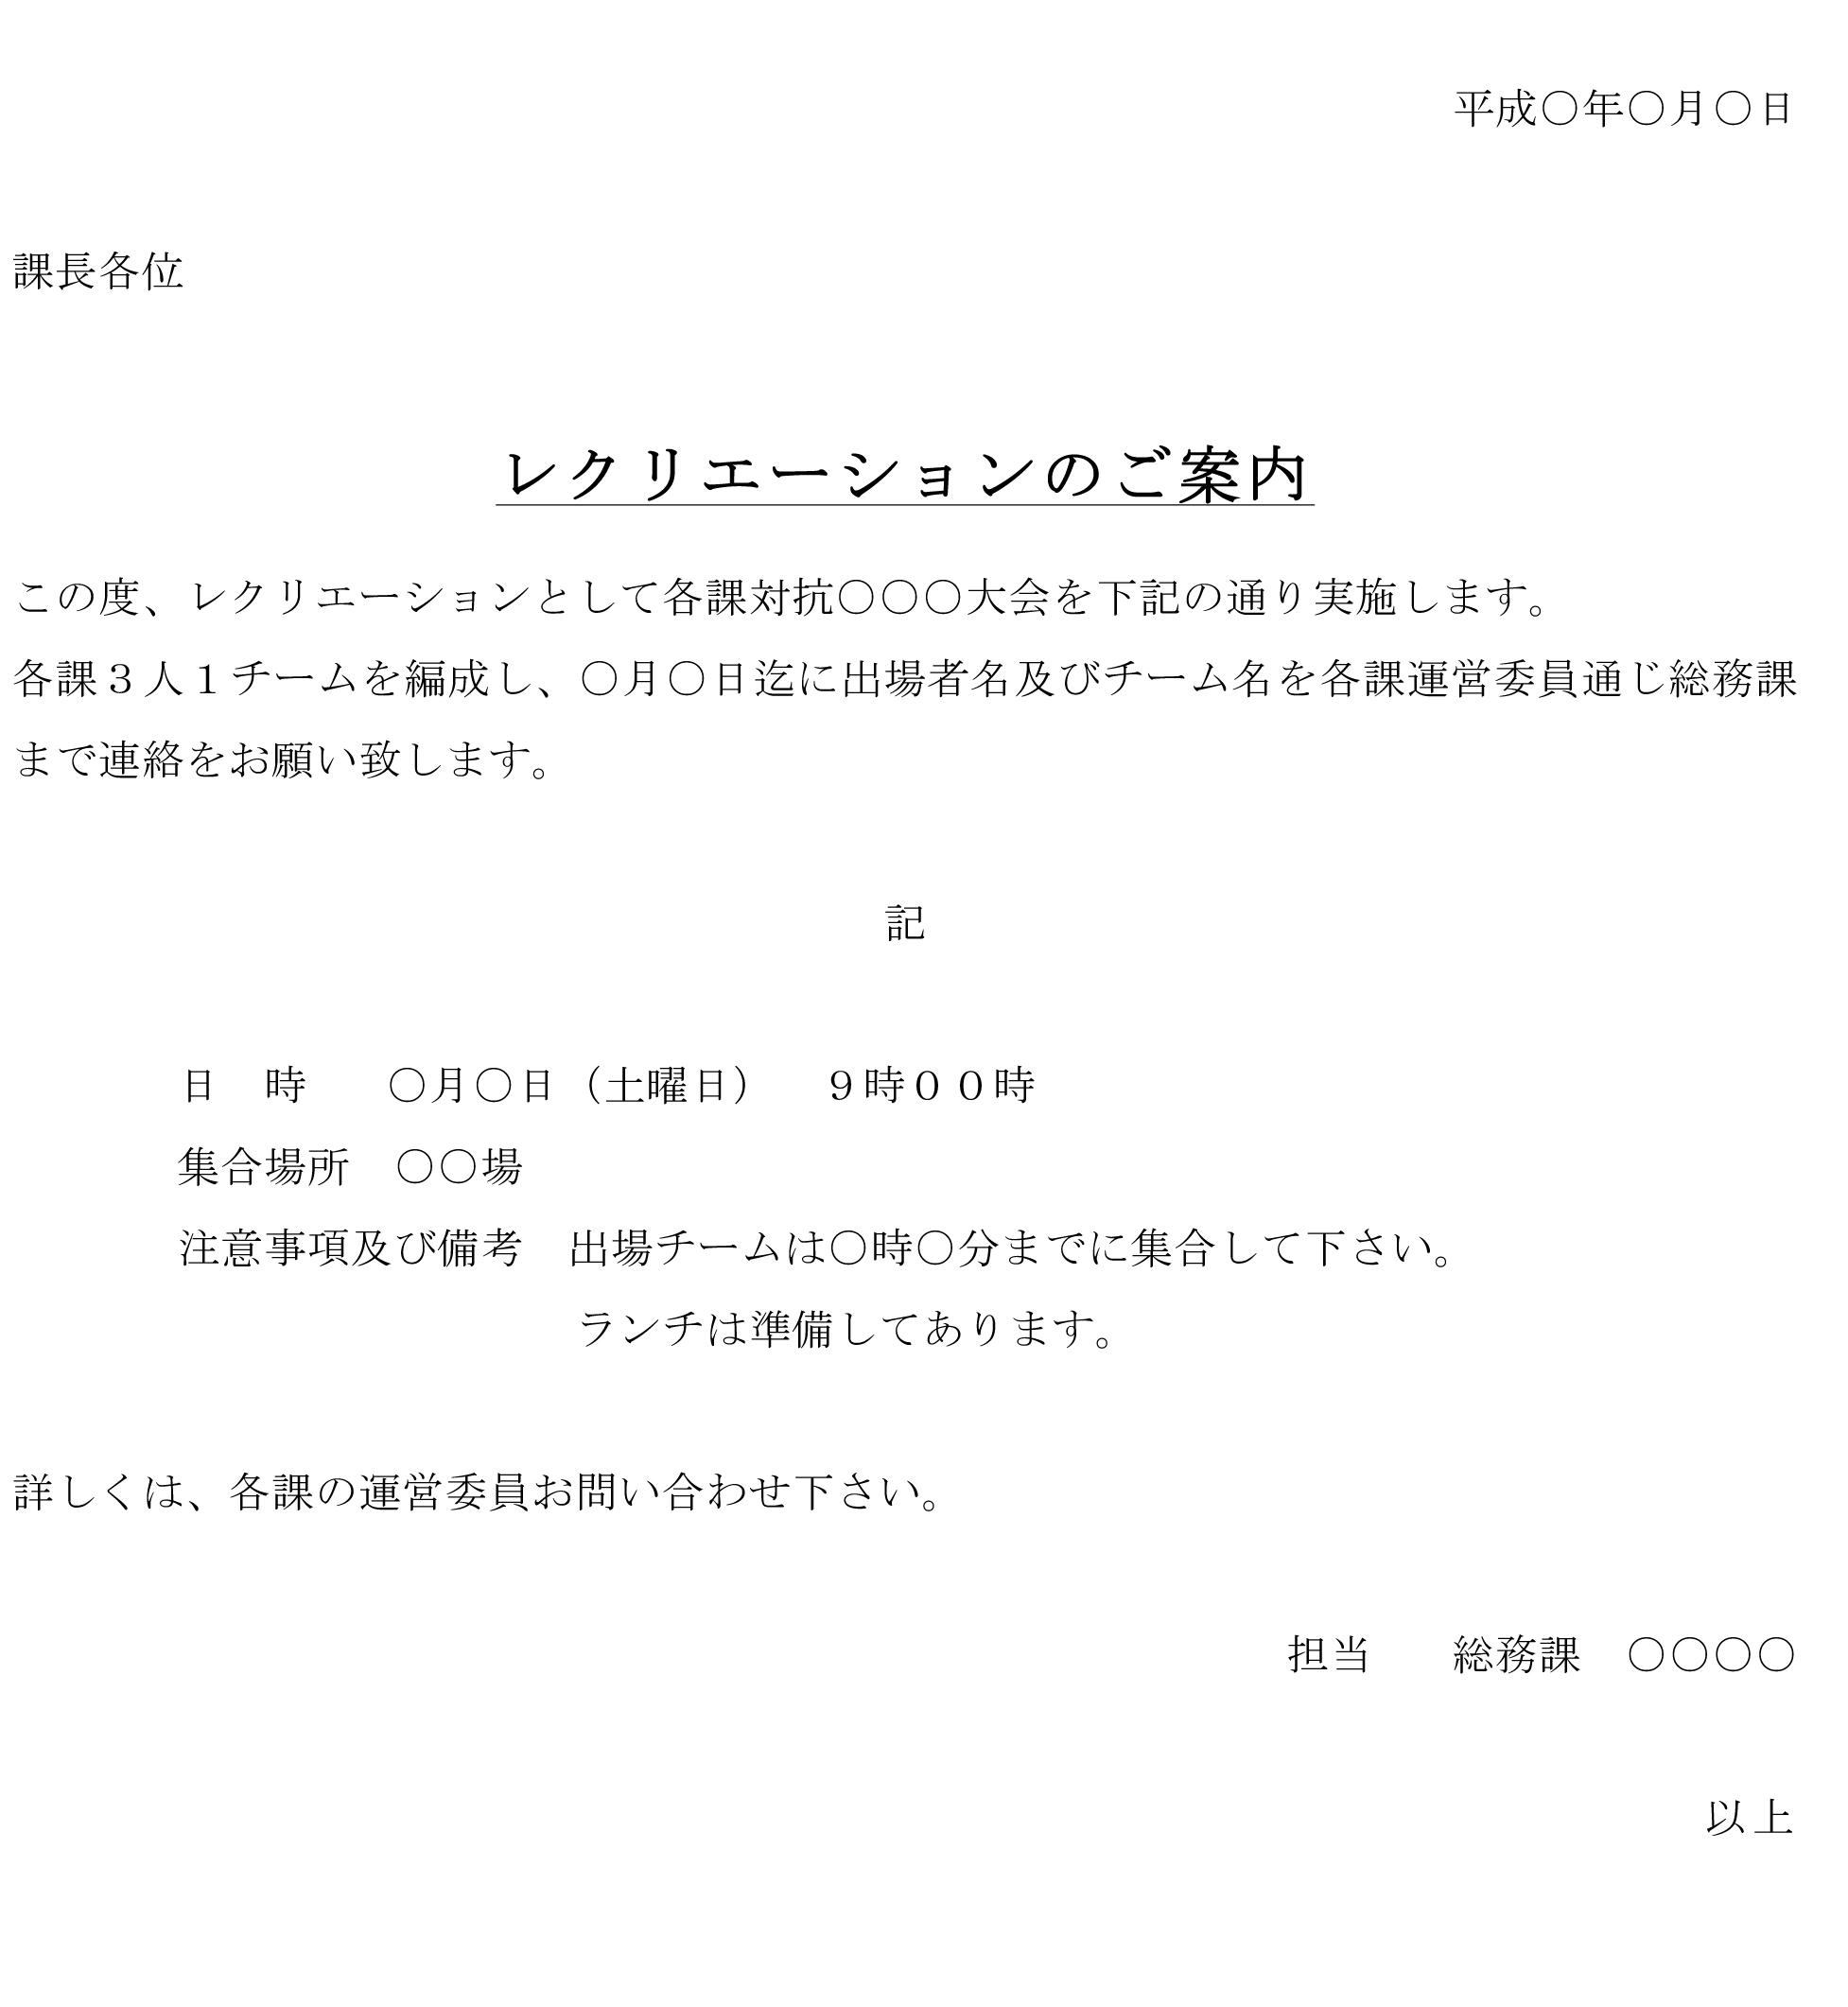 案内状(レクリエーション)のテンプレート書式2